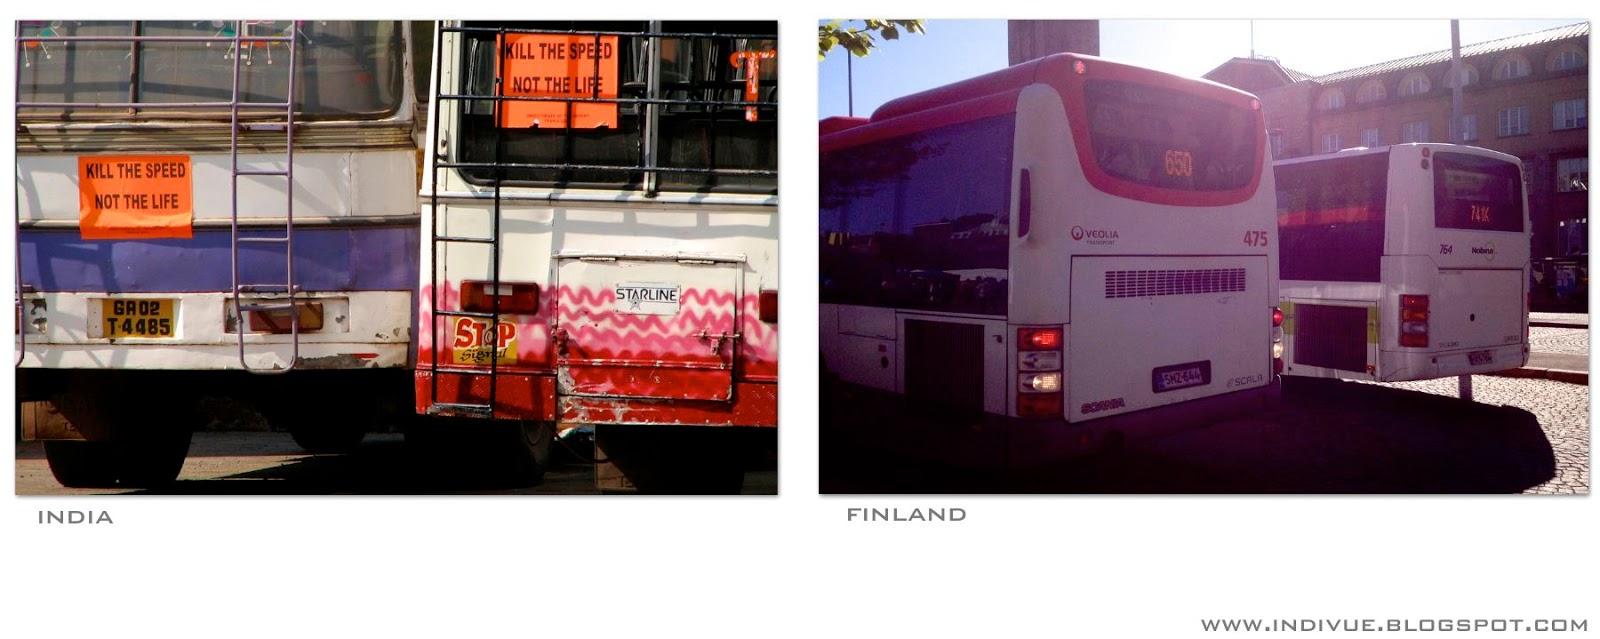 Suomalainen bussi ja intialainen bussi